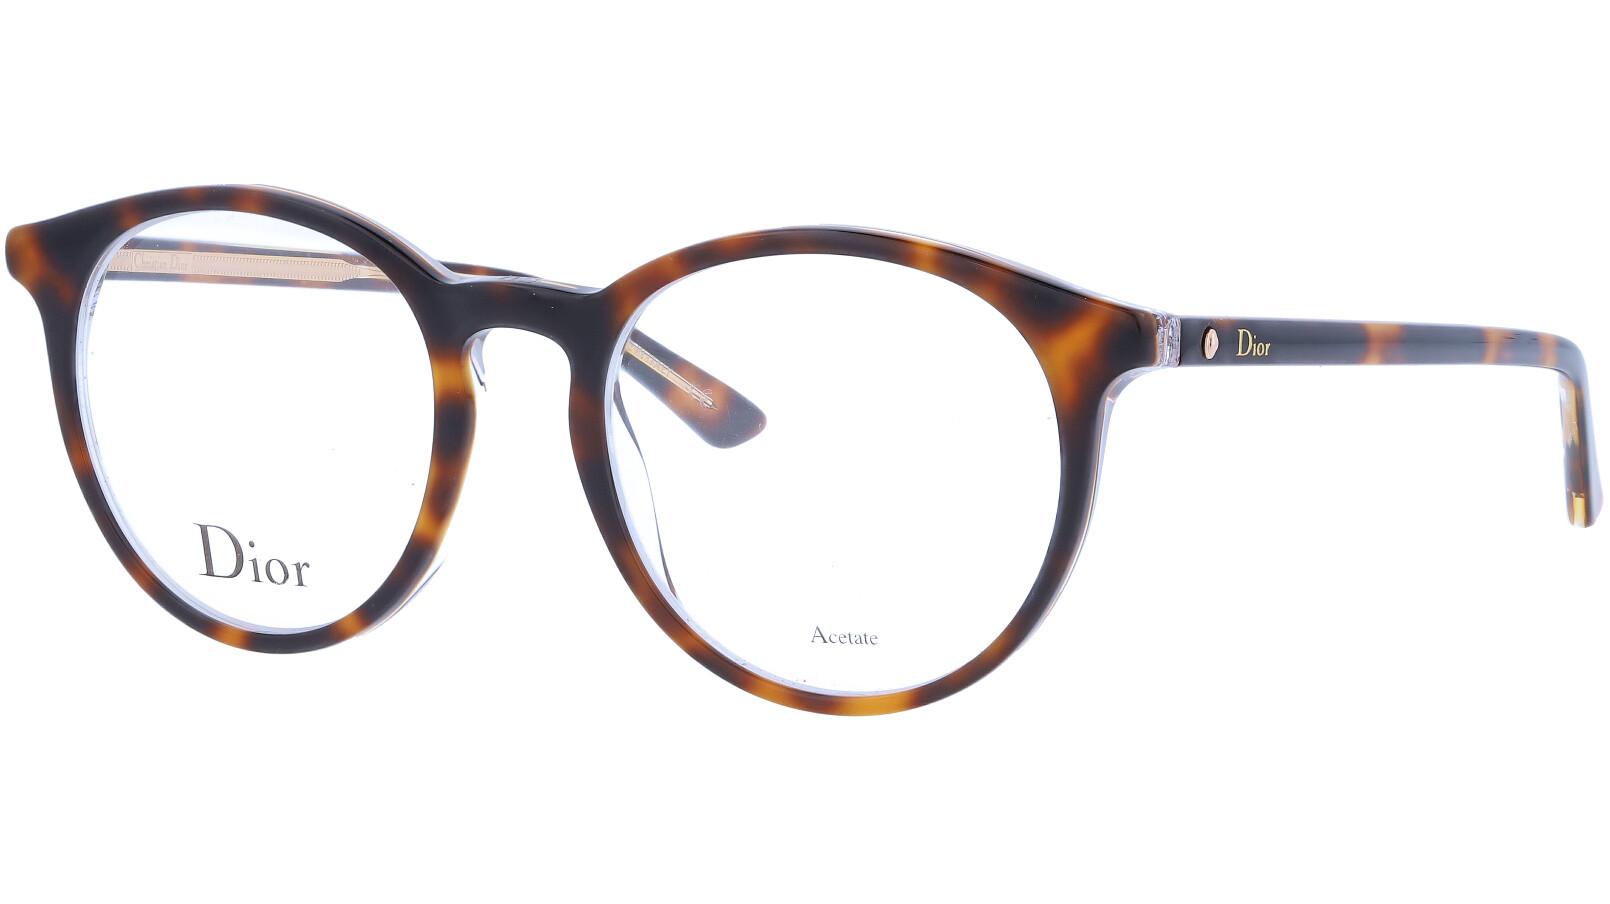 Dior MONTAIGNE15 G9Q 50 HVNA Glasses